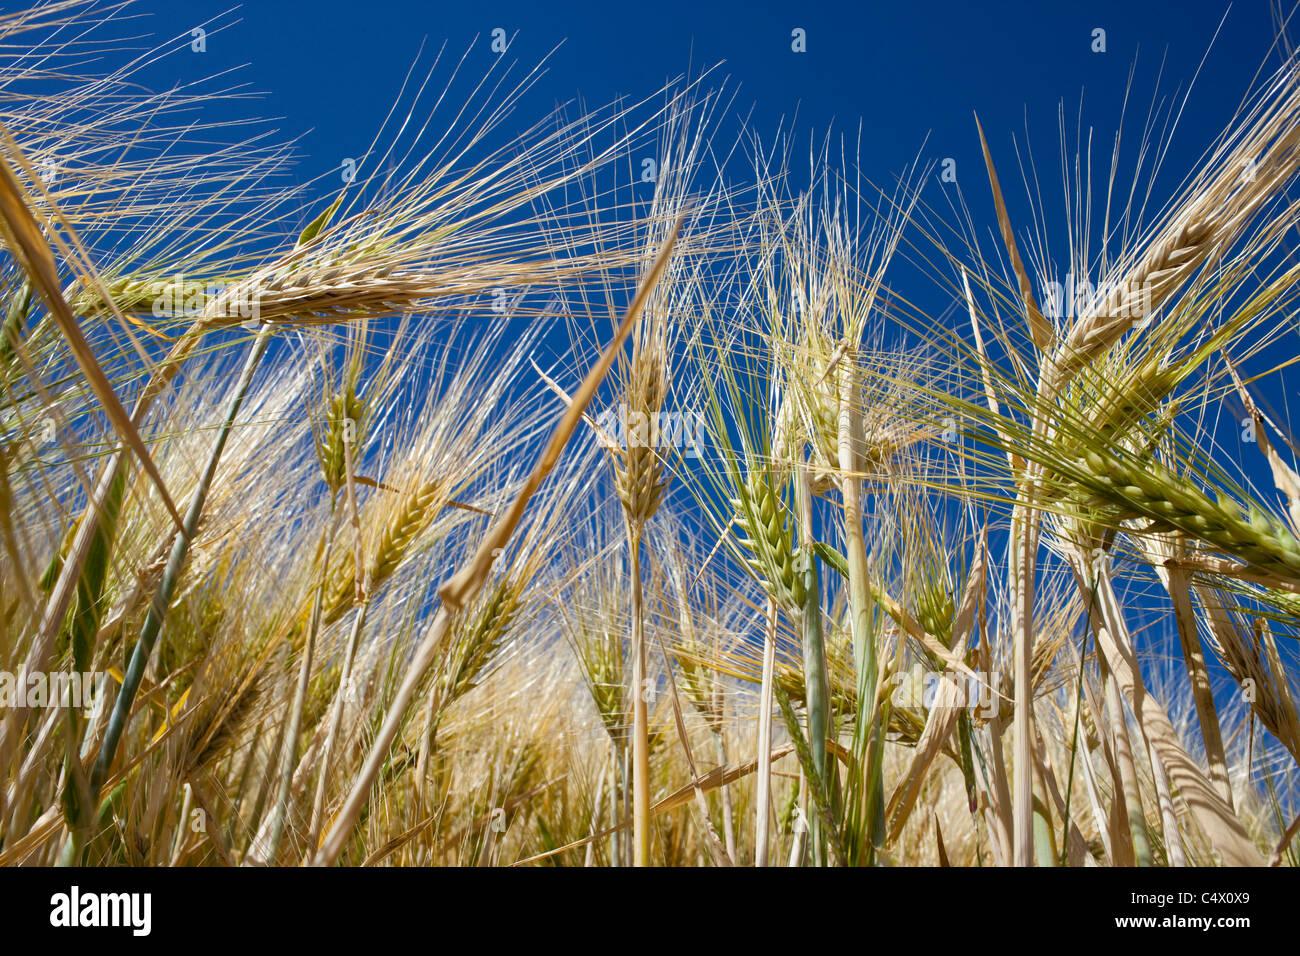 Barley field in Picardie, France - Stock Image